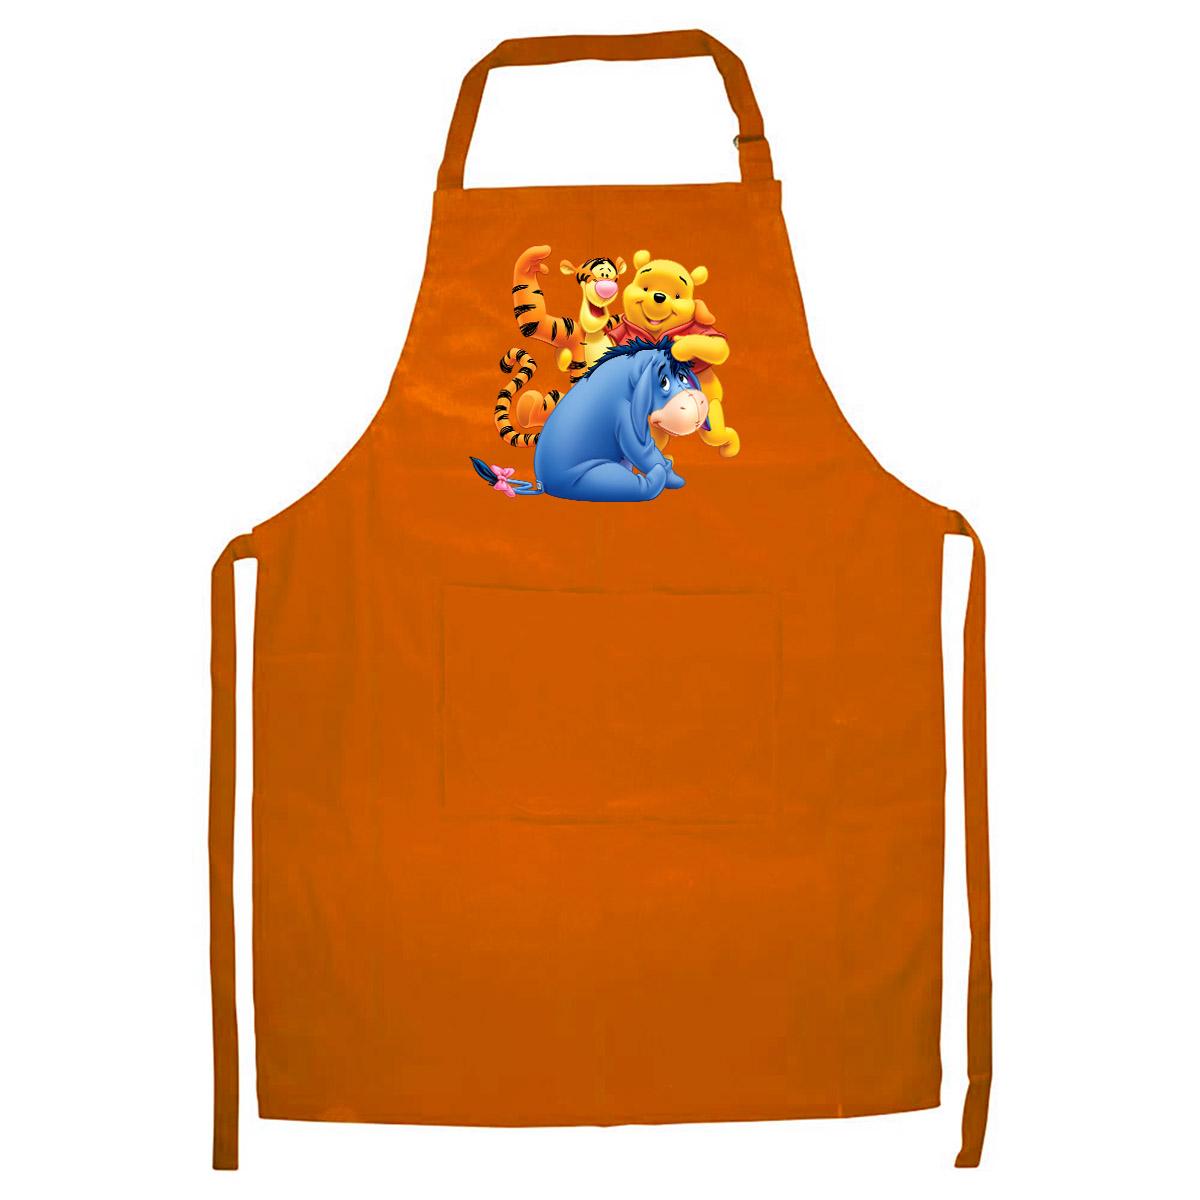 Tạp Dề Làm Bếp In Hình Gấu Vàng Và Những Người Bạn - Mẫu008